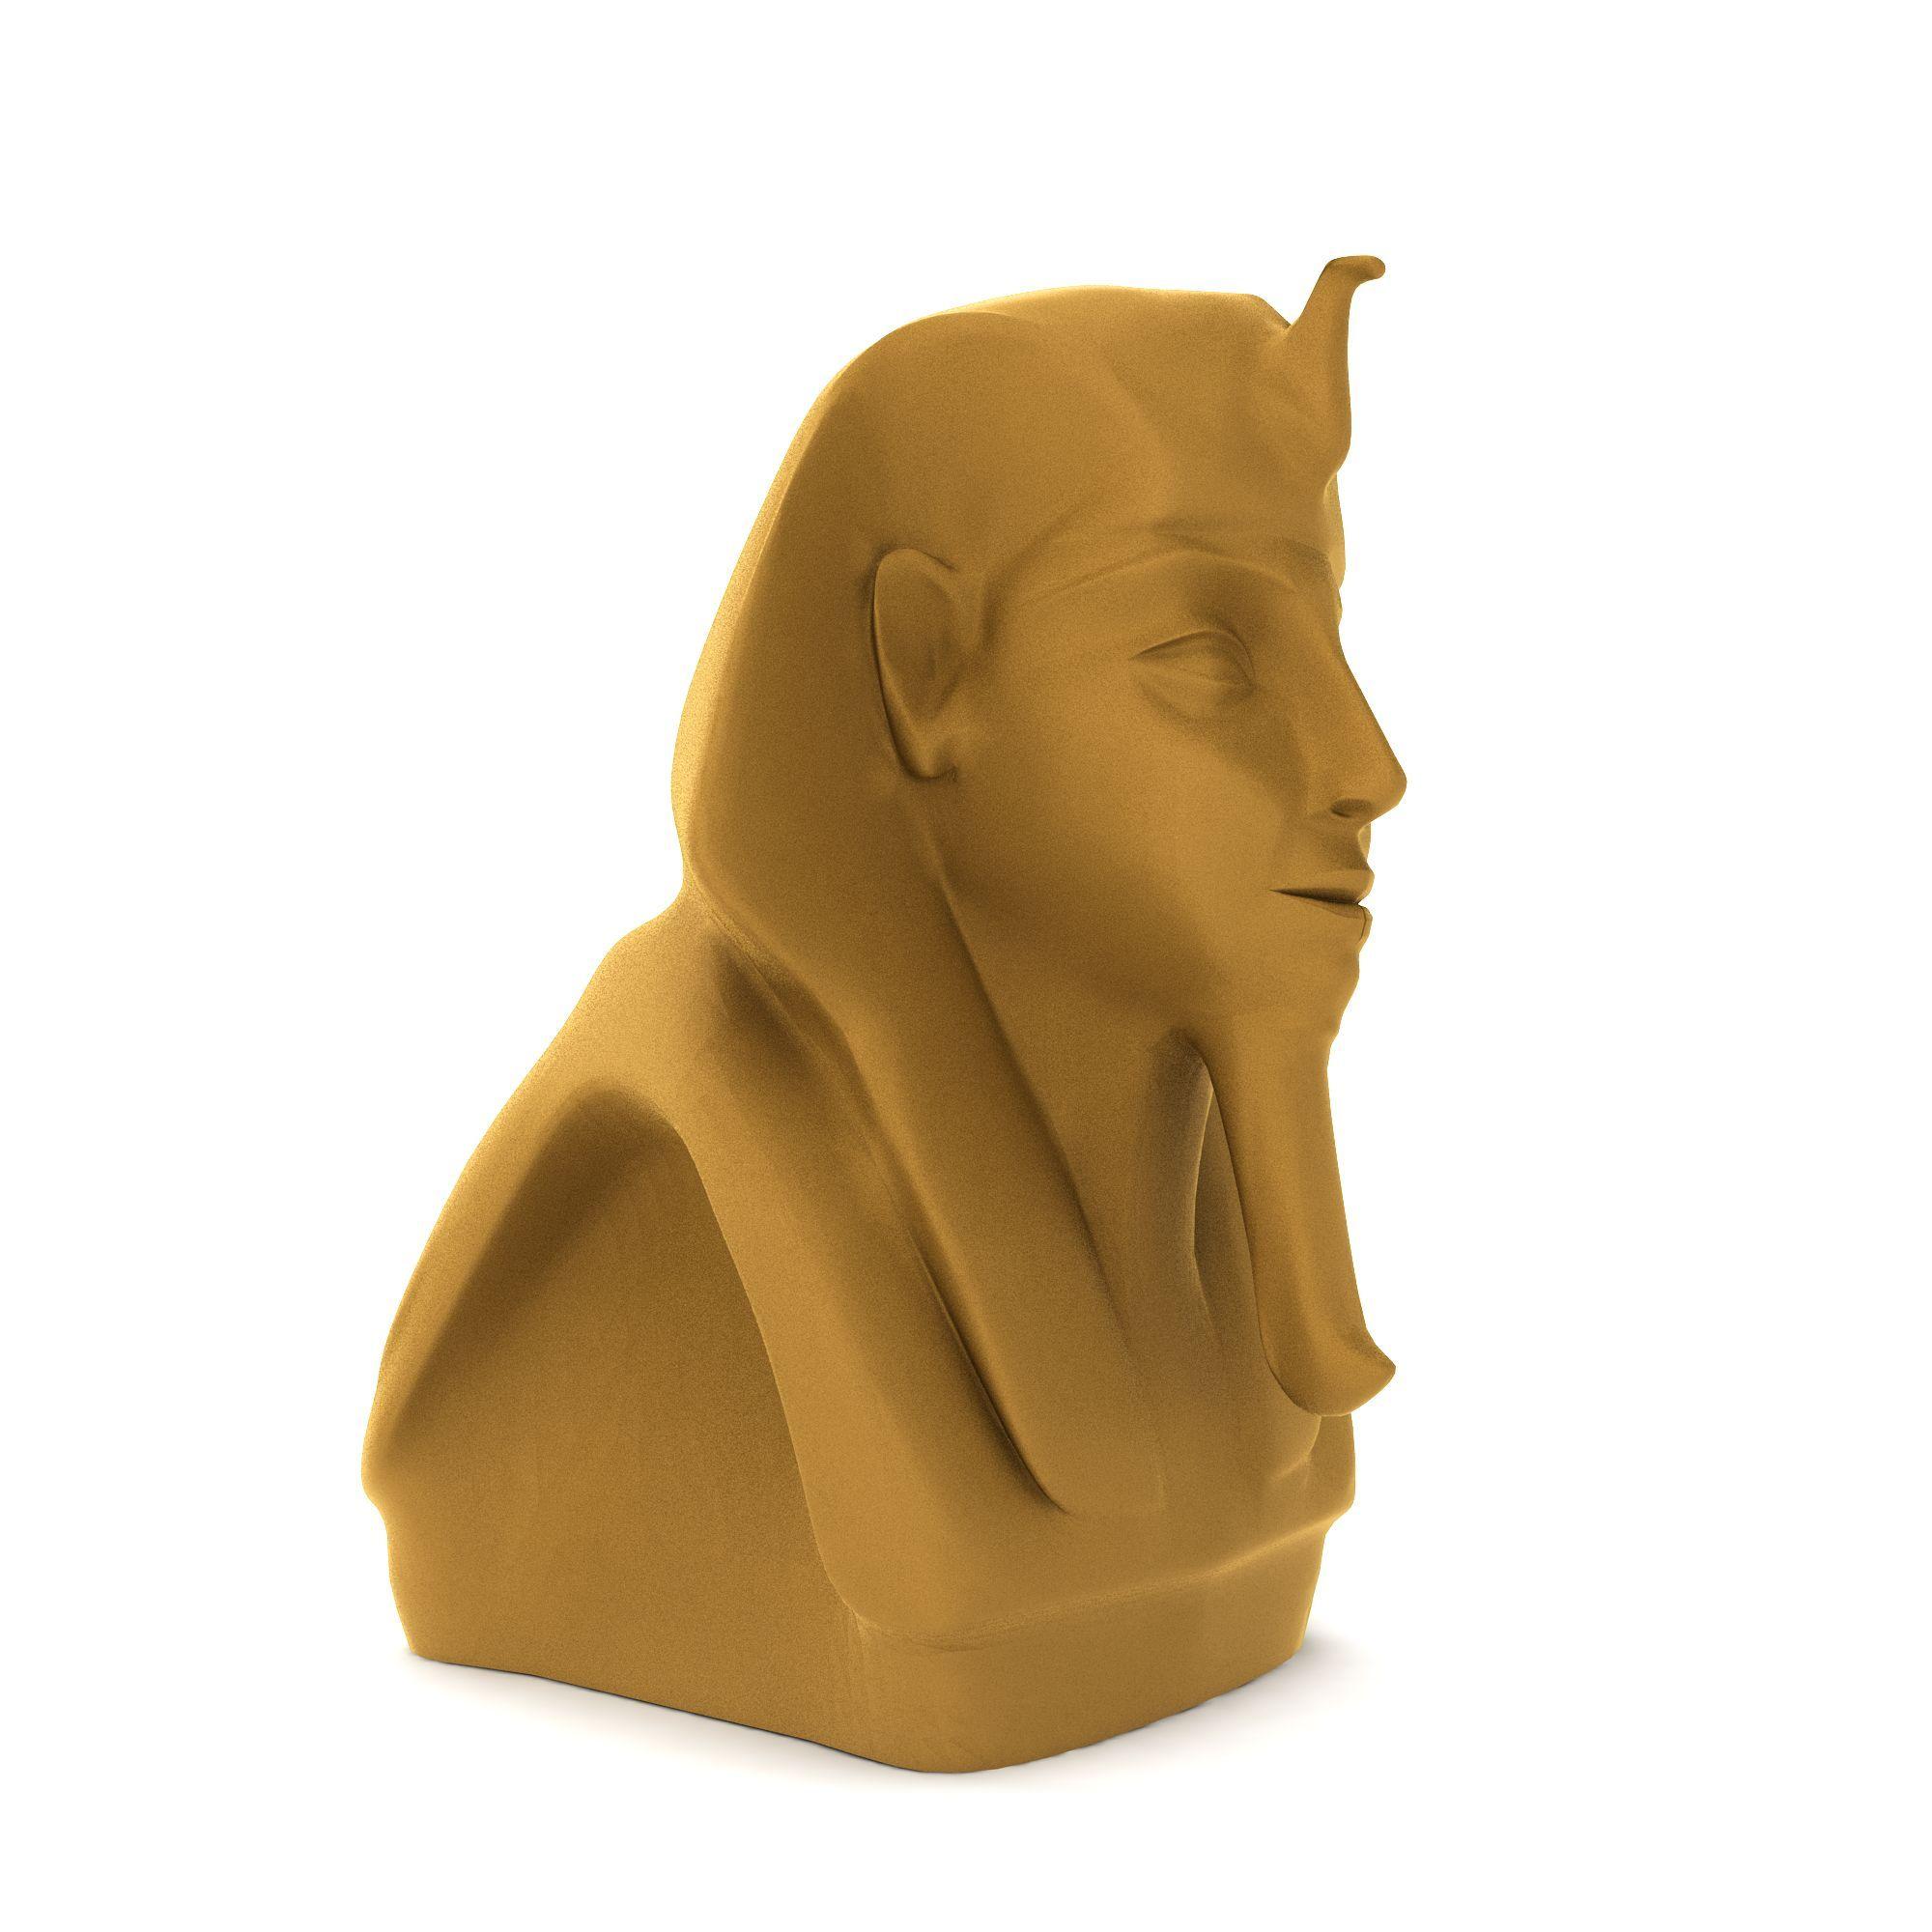 户外建筑 园林景观小品 埃及法老雕像3d模型 埃及法老雕像png高清图